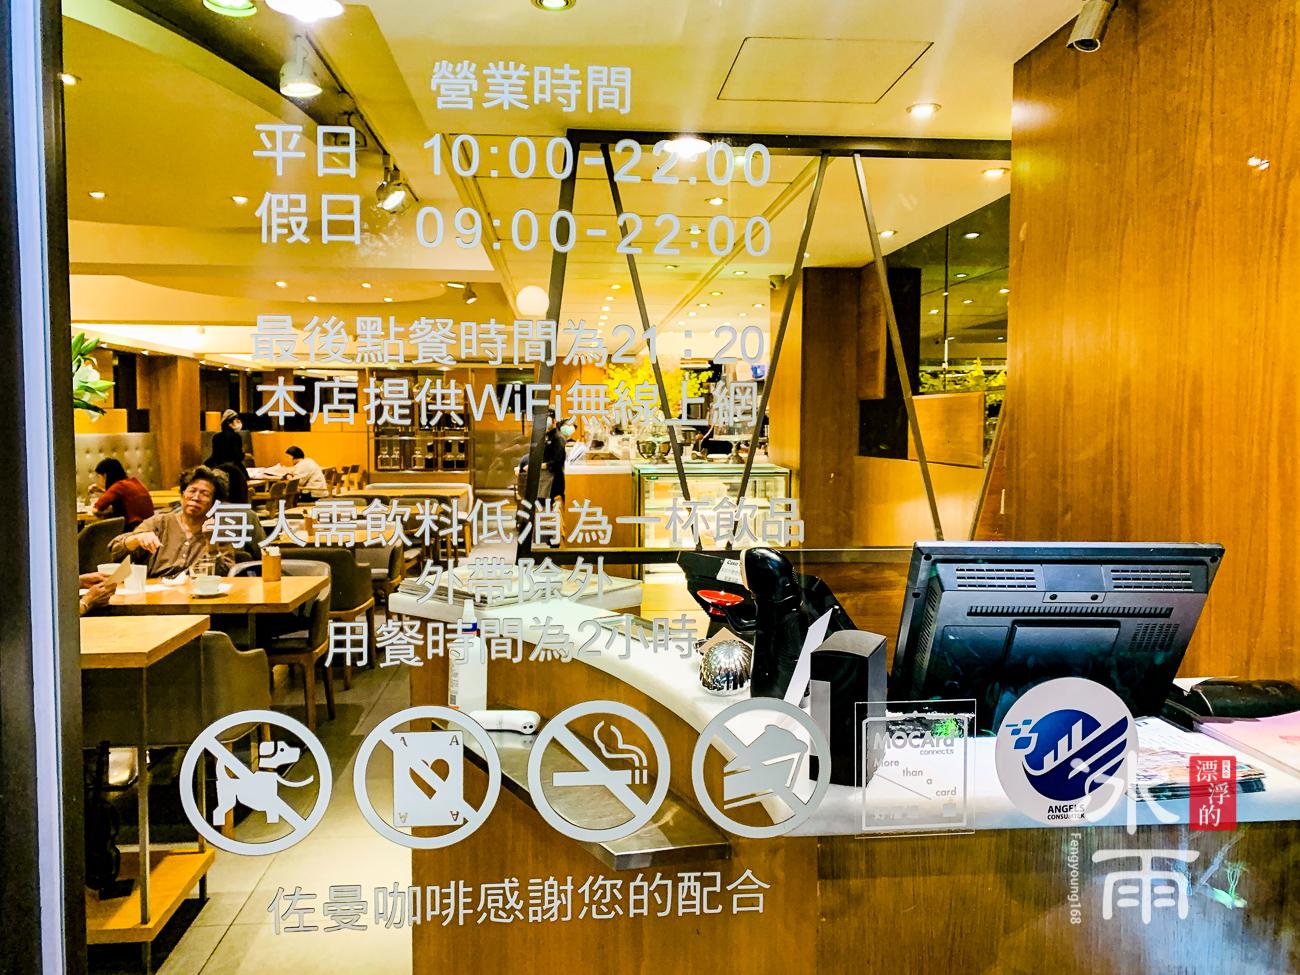 佐曼咖啡Jumane Cafe|營業時間